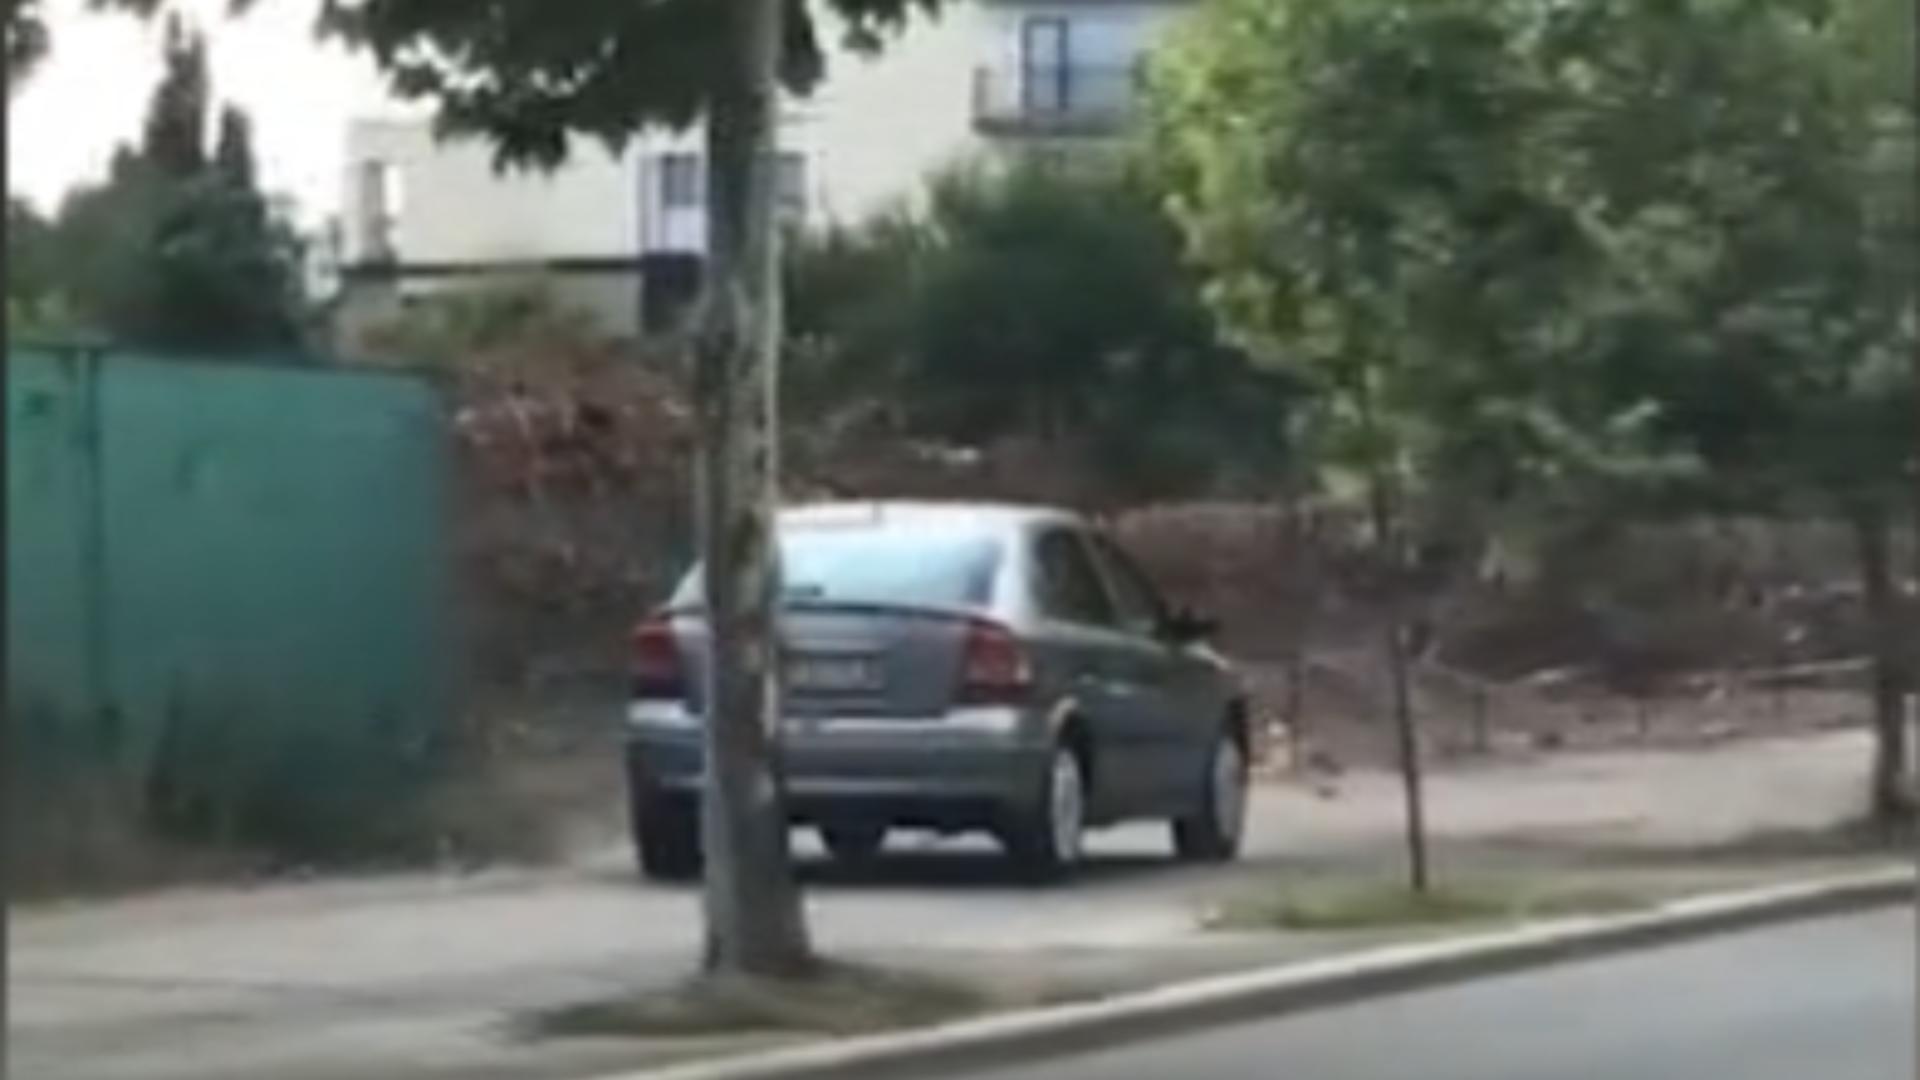 Șofer surprins conducând pe trotuar / Captură foto